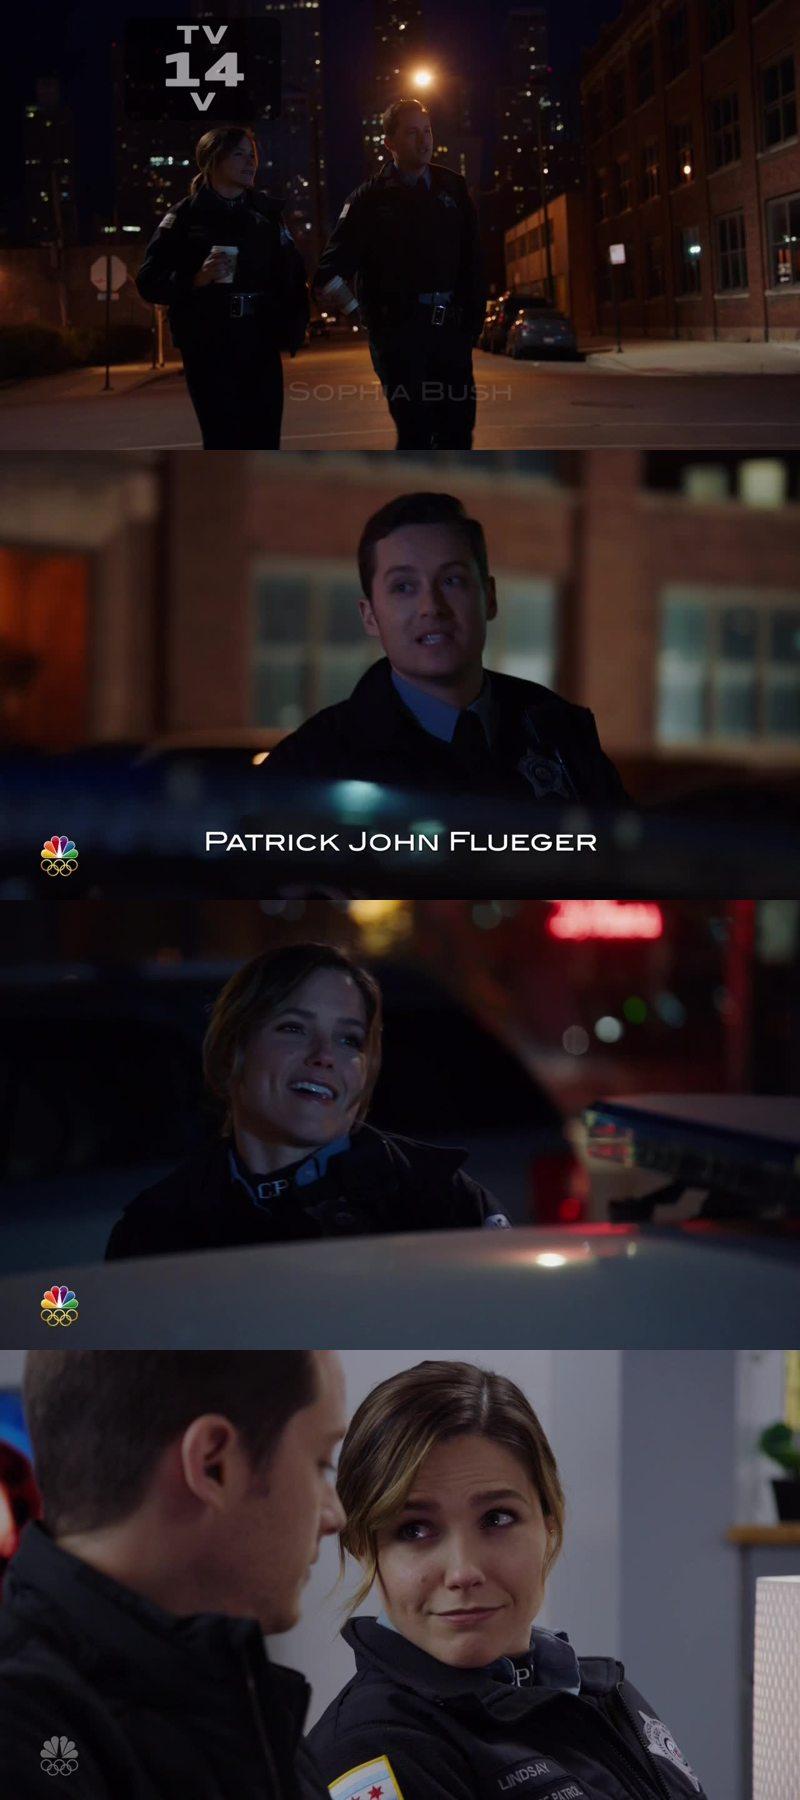 Mes chouchous j'adore ce couple 😍❤